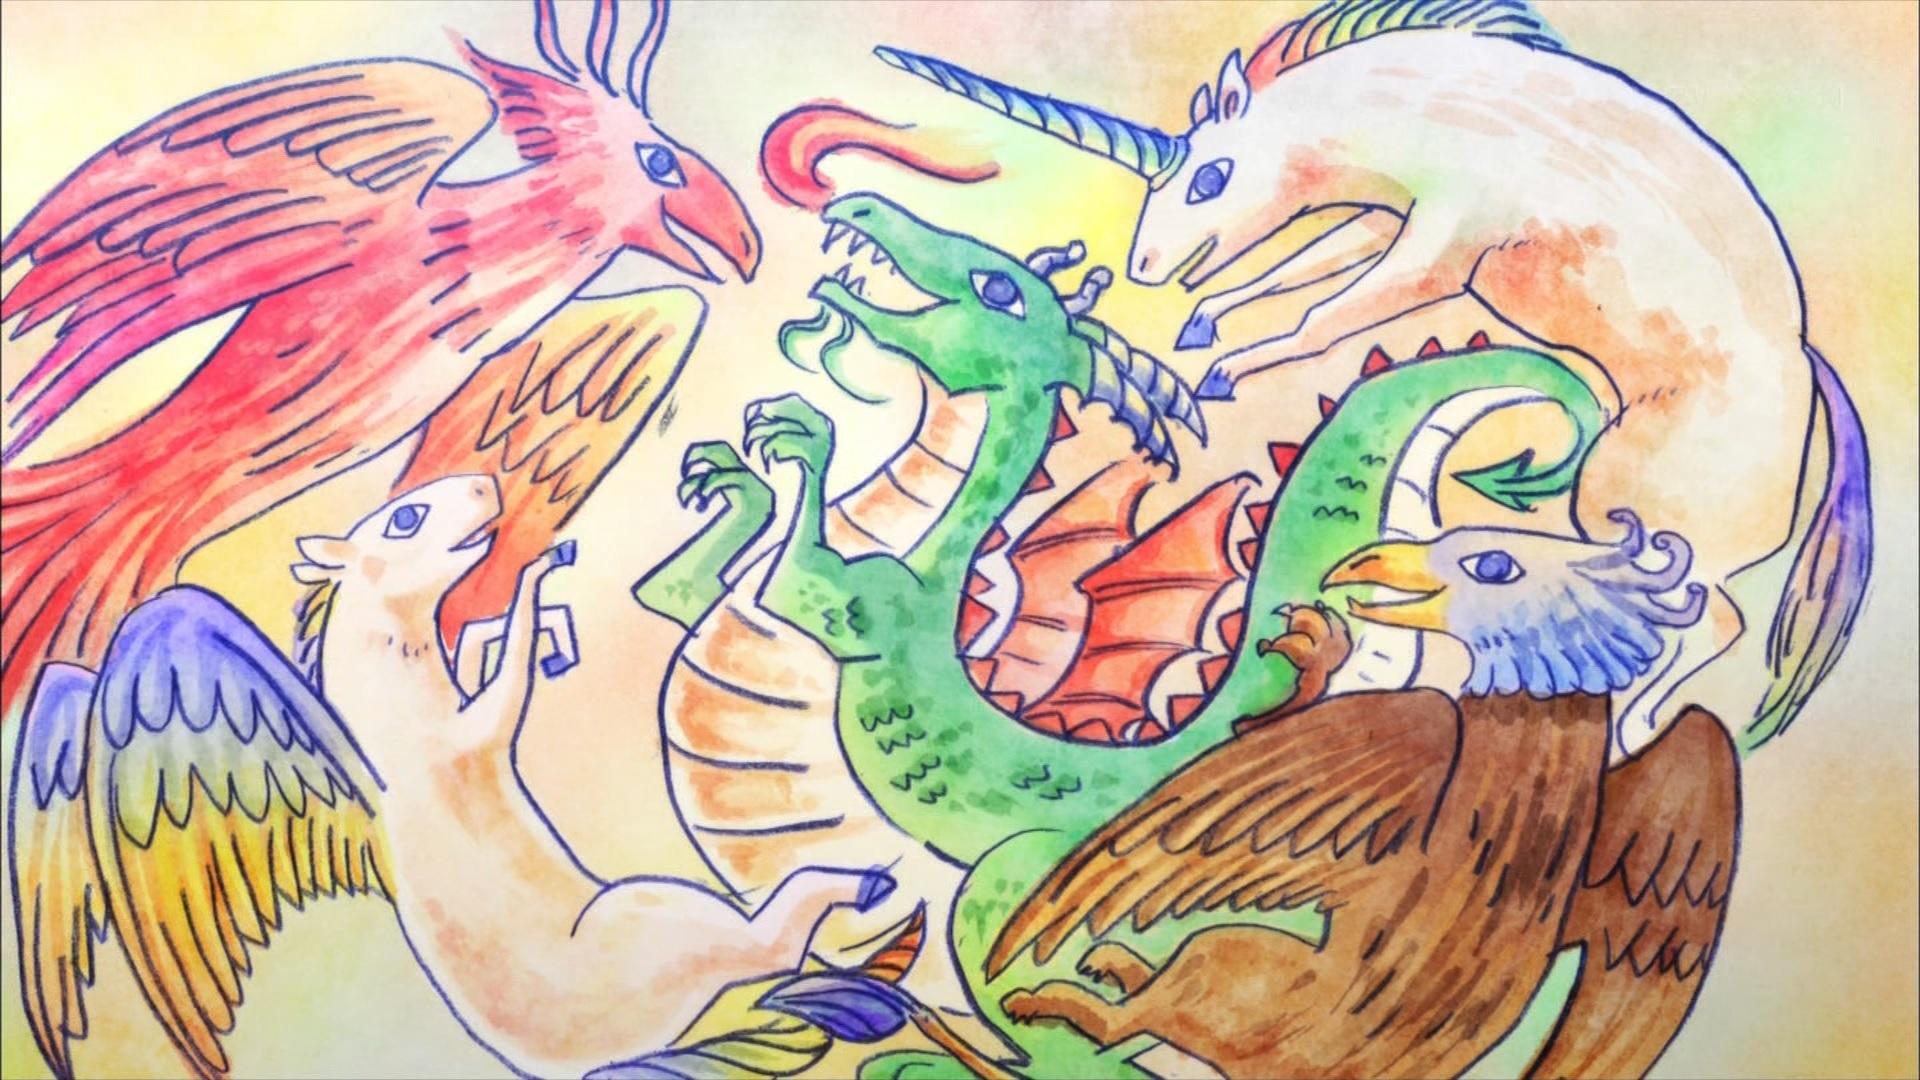 サンダルさんが描いたドラゴンの絵,サクラクエスト11話より